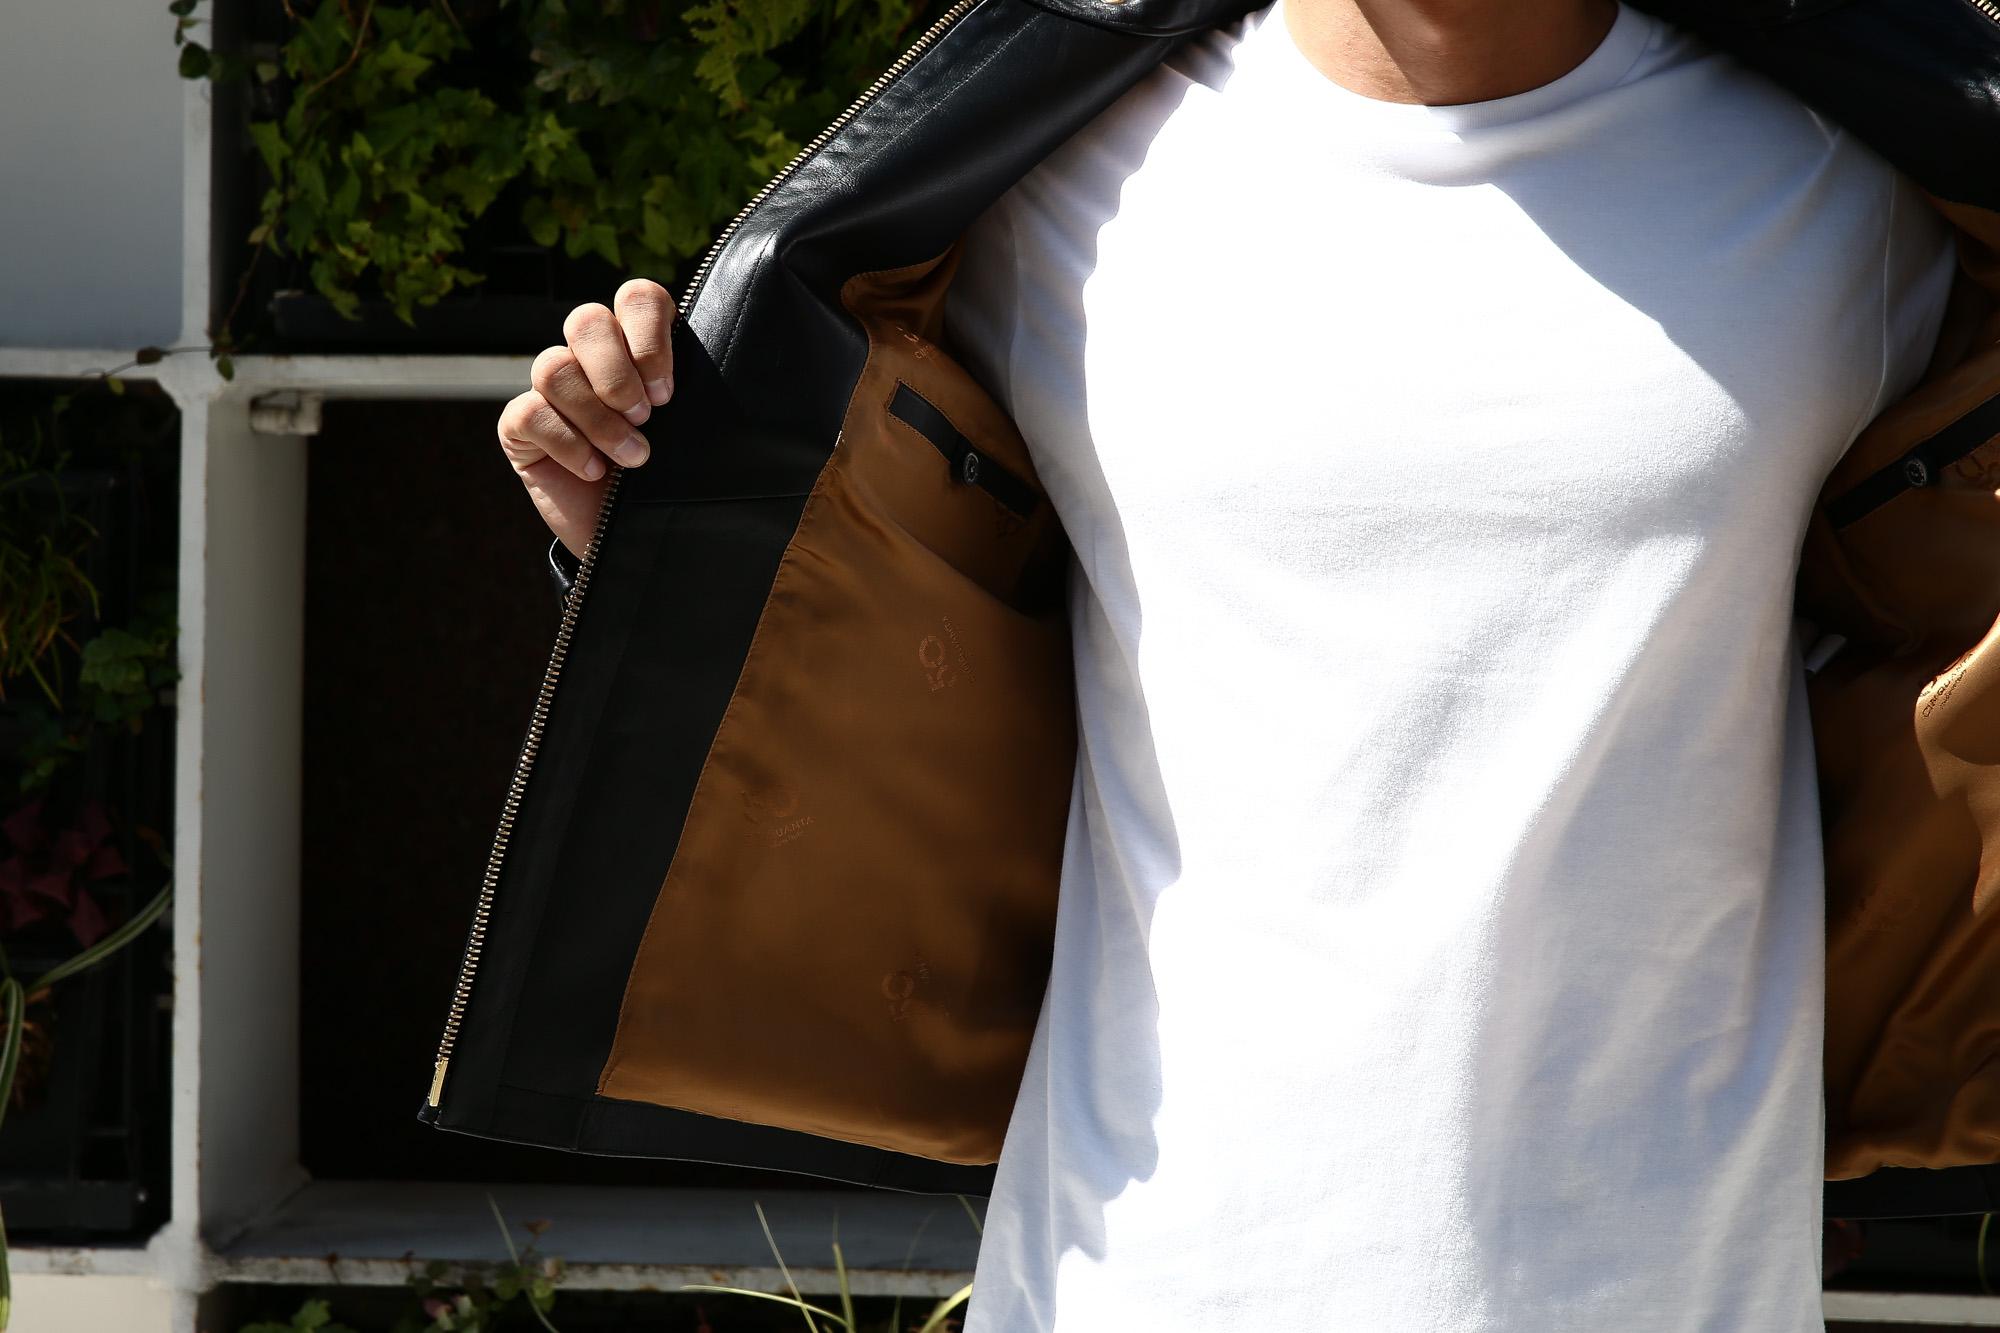 【CINQUANTA // チンクアンタ】 6621/1 STAND COLLAR RIDERS CAVALLO (スタンド カラー ジャケット) HORSE LEATHER ホースレザー シングル ライダース ジャケット BLACK (ブラック・999) Made in italy (イタリア製) 2017 秋冬新作 コーディネートスタイル 。cinquanta チンクアンタ レザージャケット 愛知 名古屋 Alto e Diritto アルト エ デリット